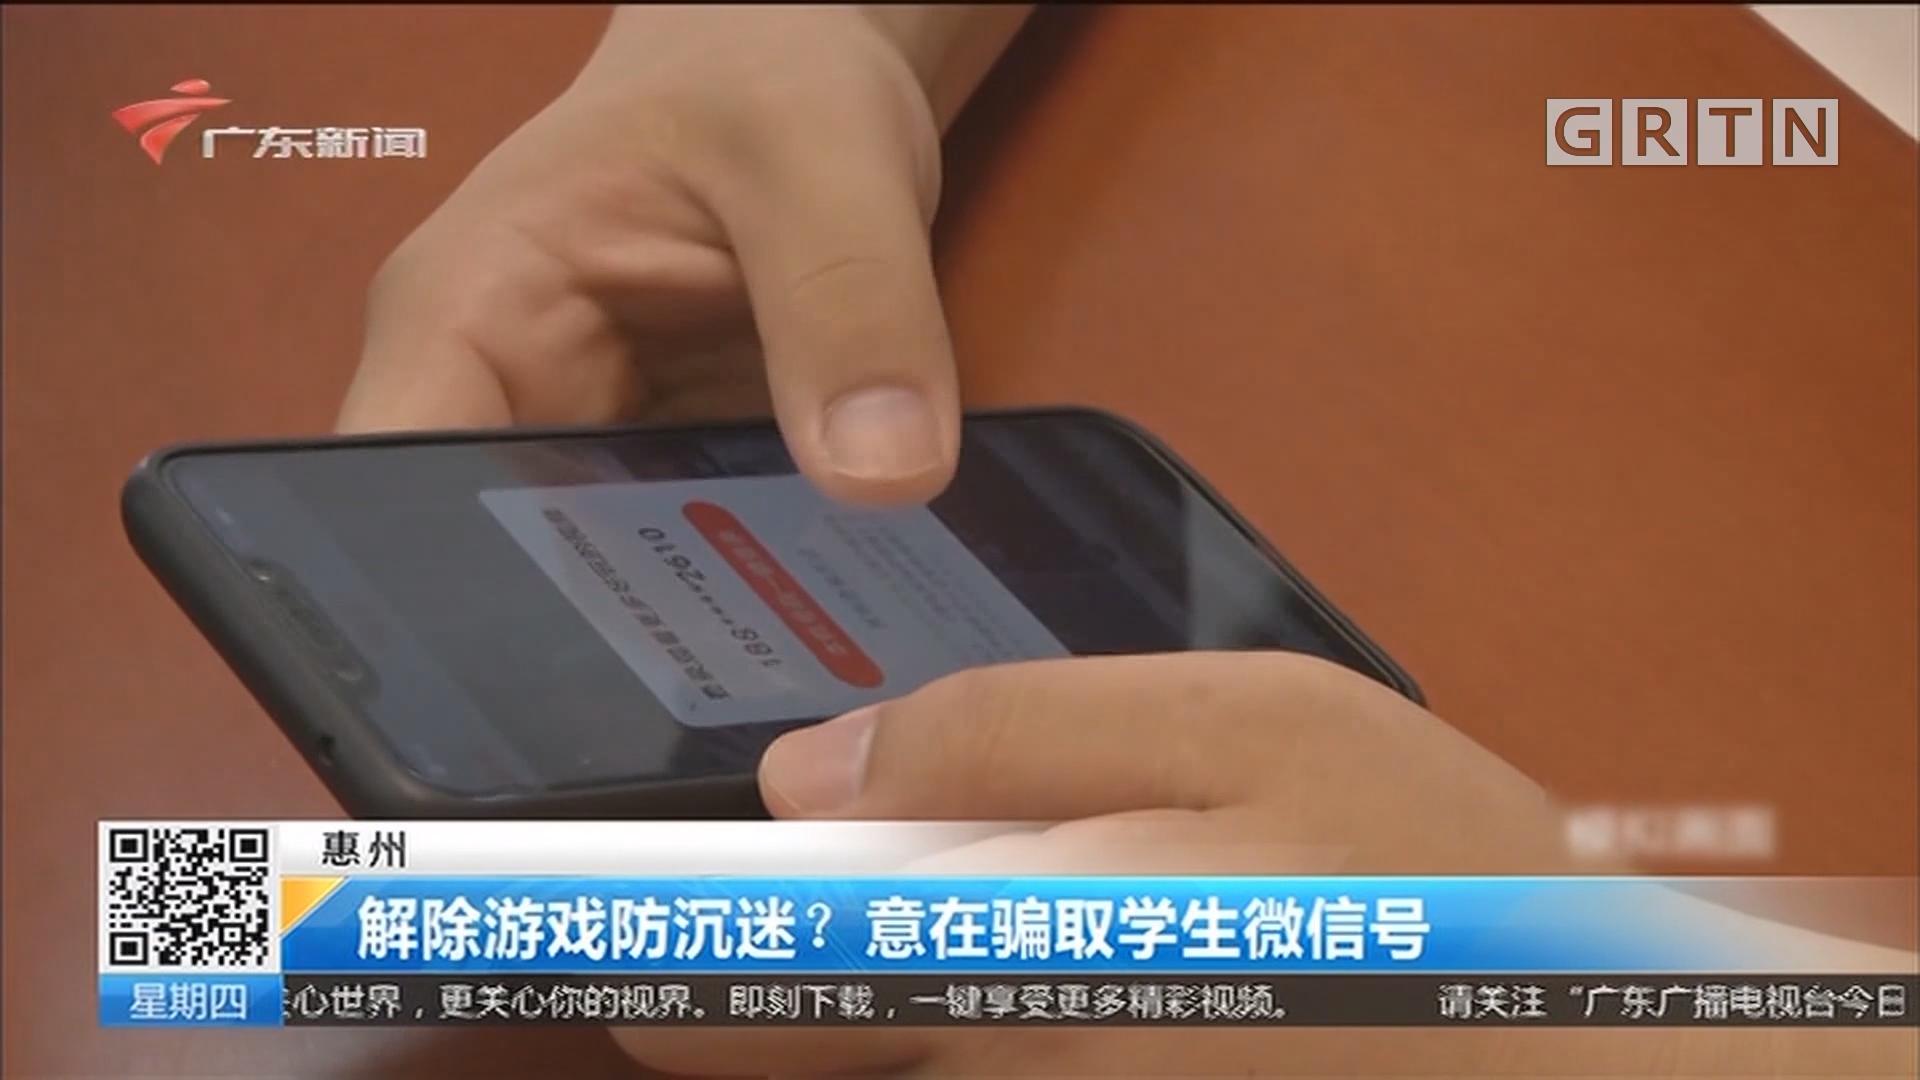 惠州:解除游戏防沉迷? 意在骗取学生微信号